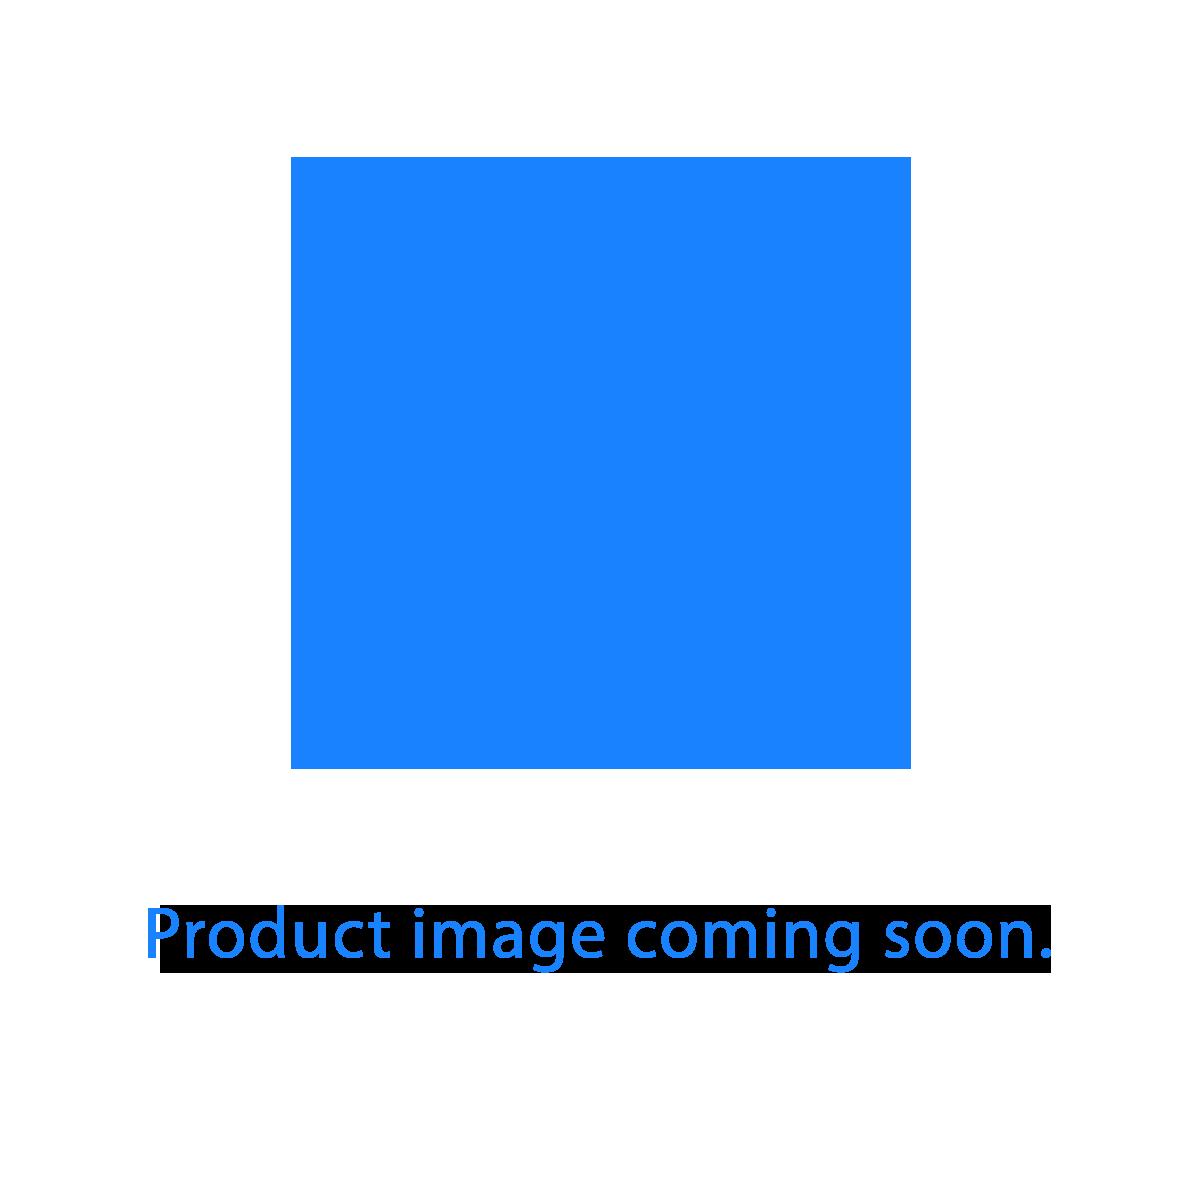 ASUS Zenbook Pro 15 UX535LI-BN198T